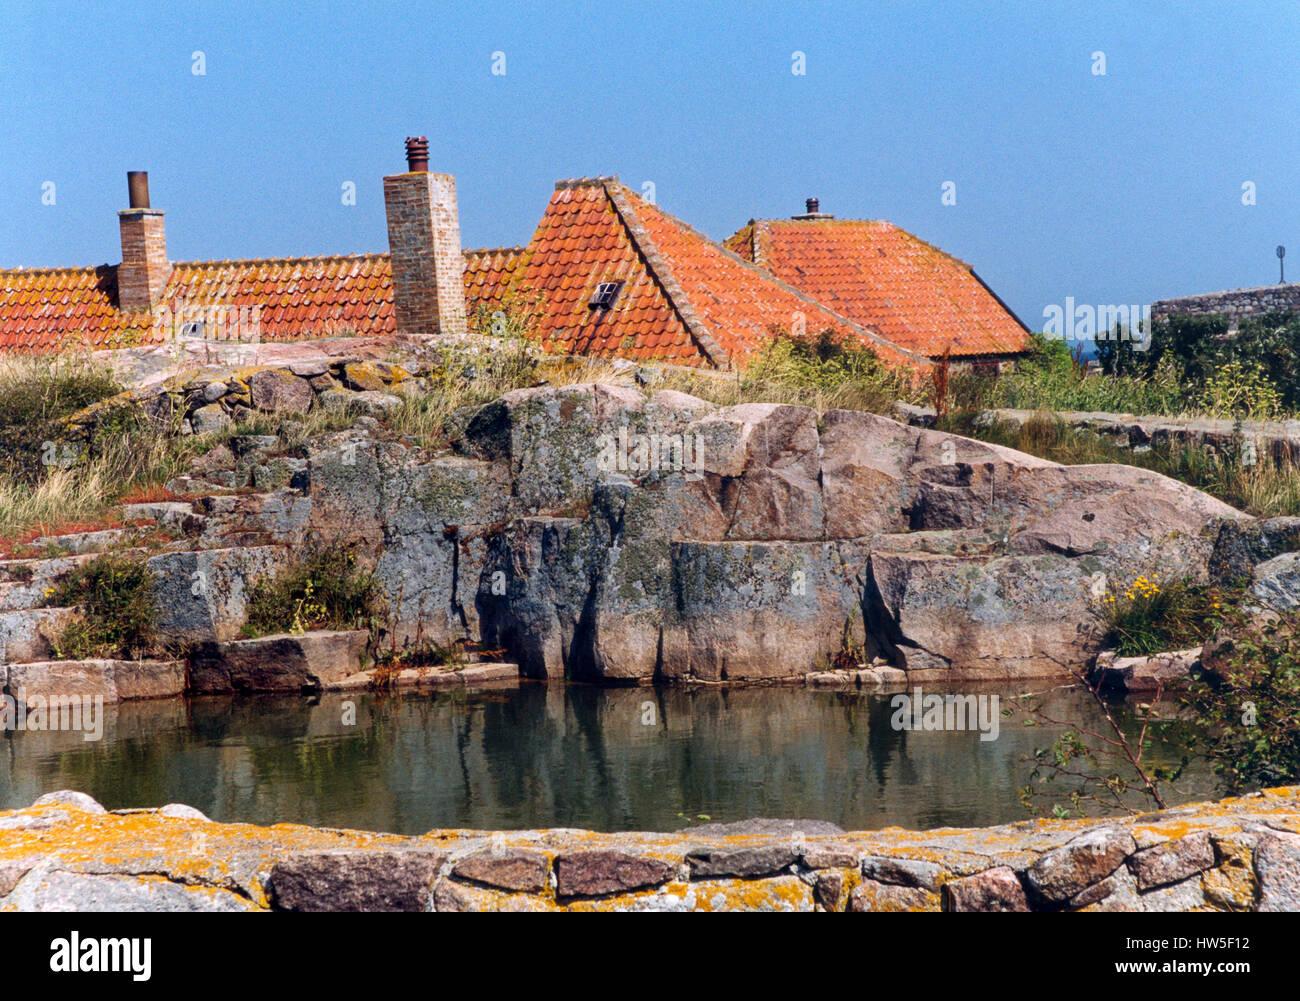 Dinamarca CHRISTIANSÖ represa en el granito, con suministro de agua 2005 Imagen De Stock